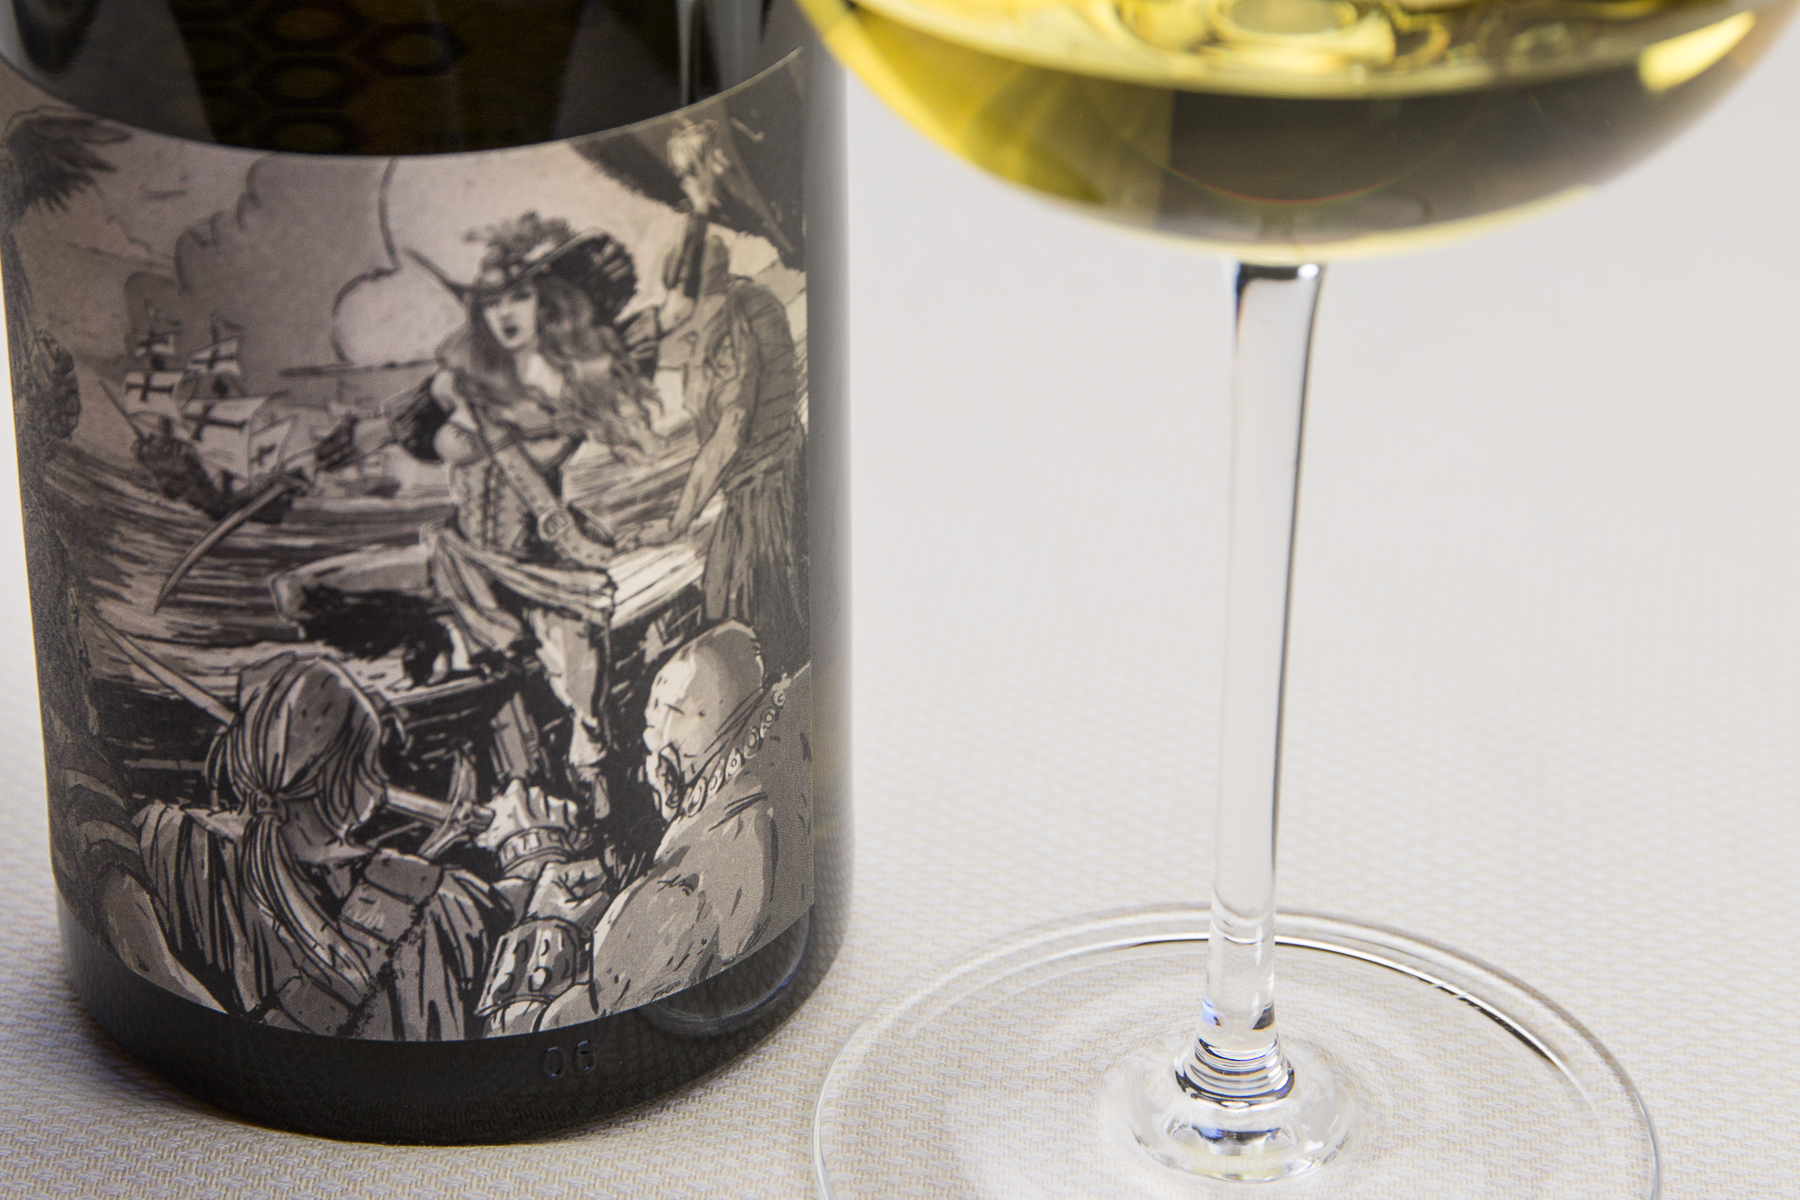 Rune Wines 2013 Chardonnay